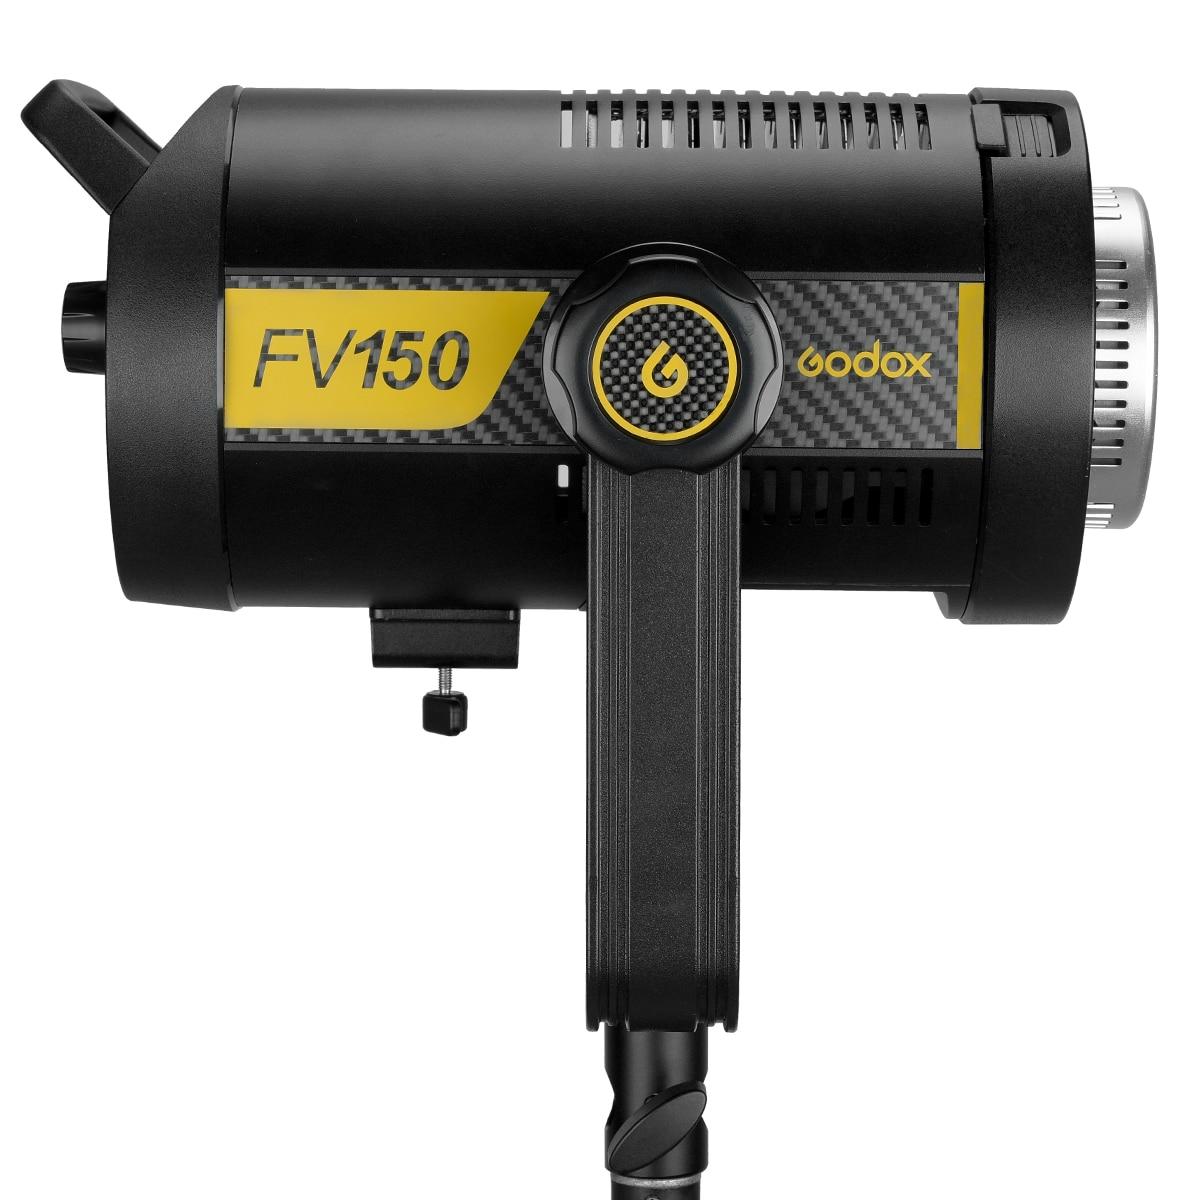 Image 5 - Godox FV150 150 Вт FV200 200 Вт высокоскоростной синхронизационный светодиодный светильник со встроенным беспроводным приемником 2,4G + пульт дистанционного управления Xpro GodoxФотографическое освещение    АлиЭкспресс